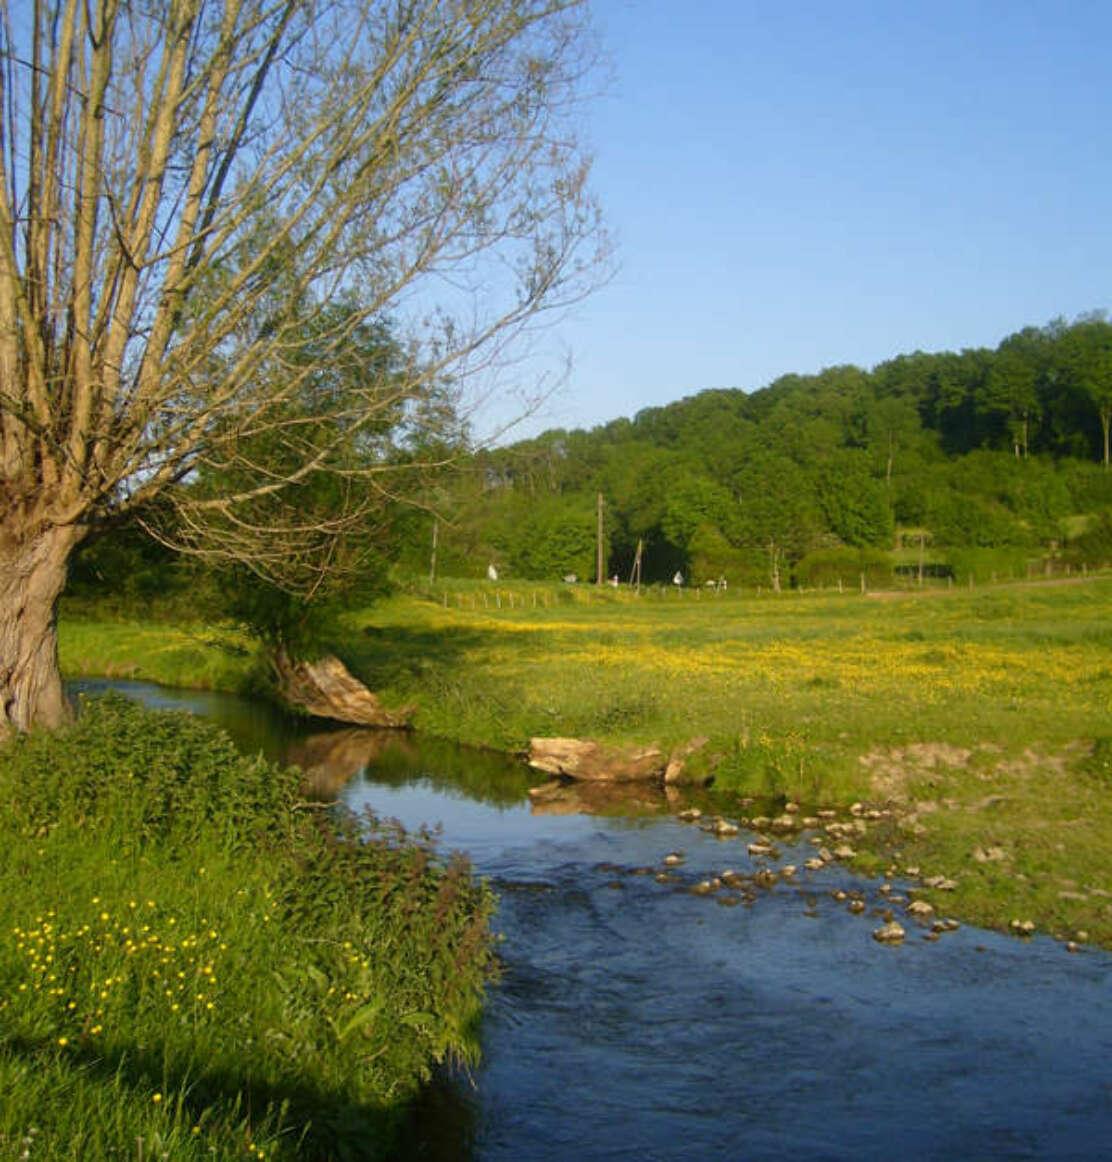 Parc Naturel Régional du Perche - Vallée de la Berthe